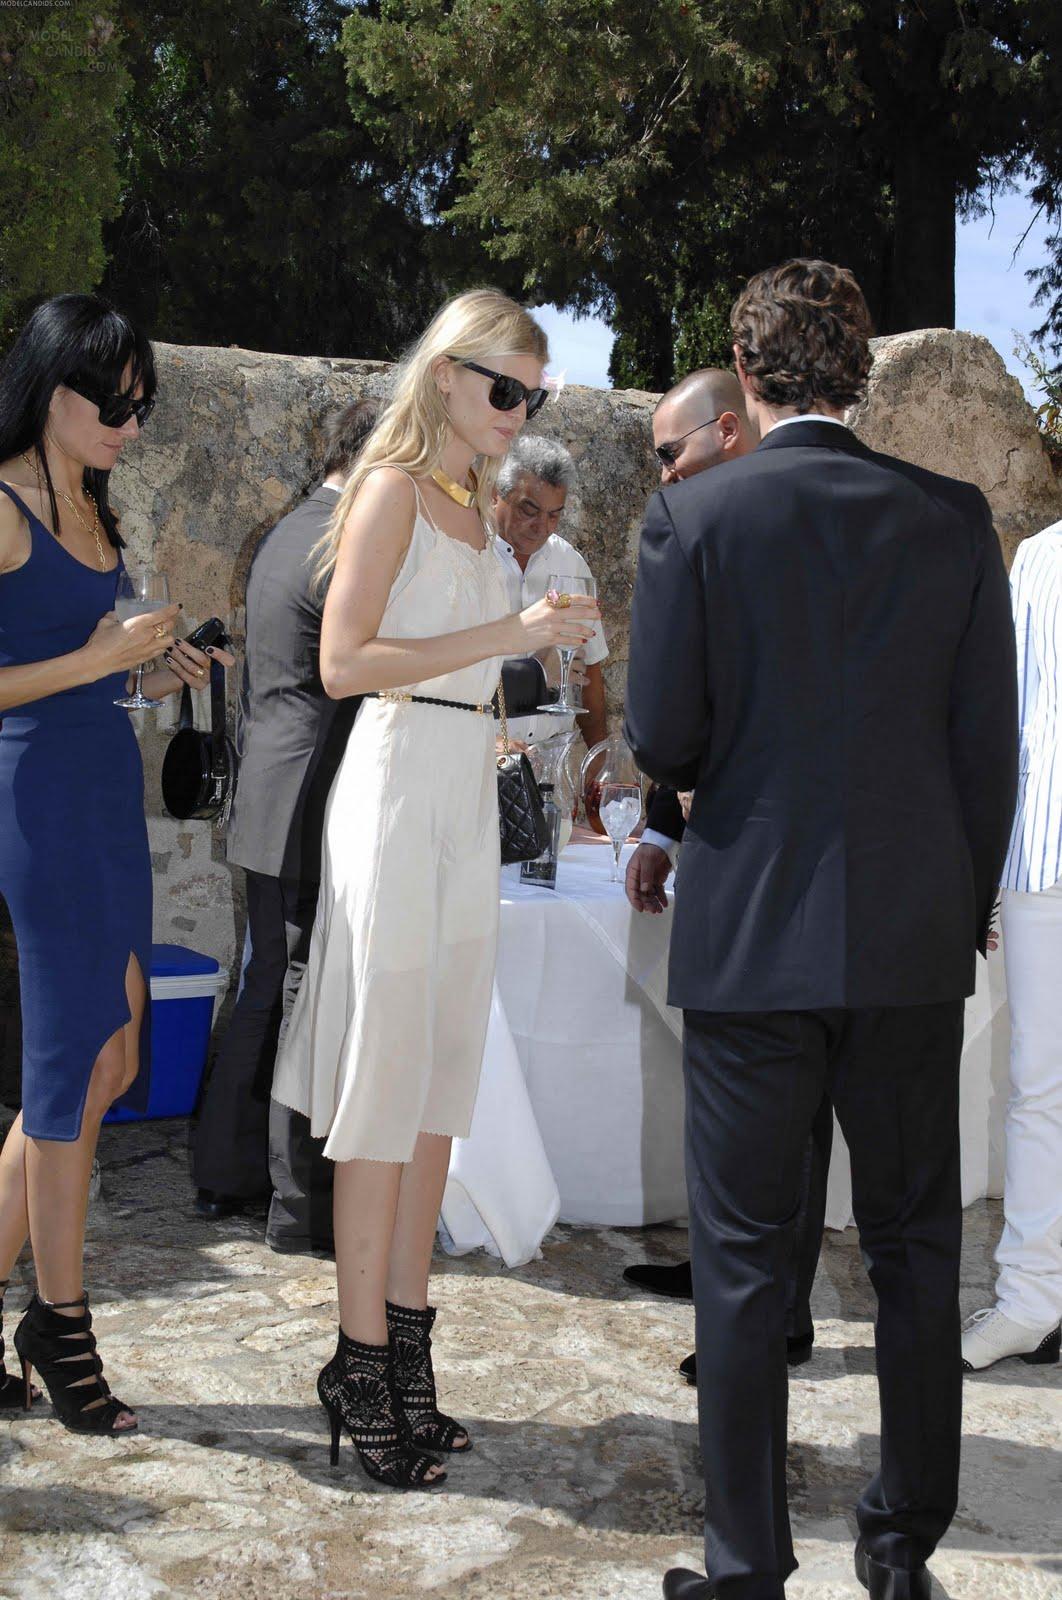 http://4.bp.blogspot.com/-J-FZu1yU4mw/TijHVCSy24I/AAAAAAAAFCo/eiO8S2DKxis/s1600/la+modella+mafia+Anja+wedding+4.jpg